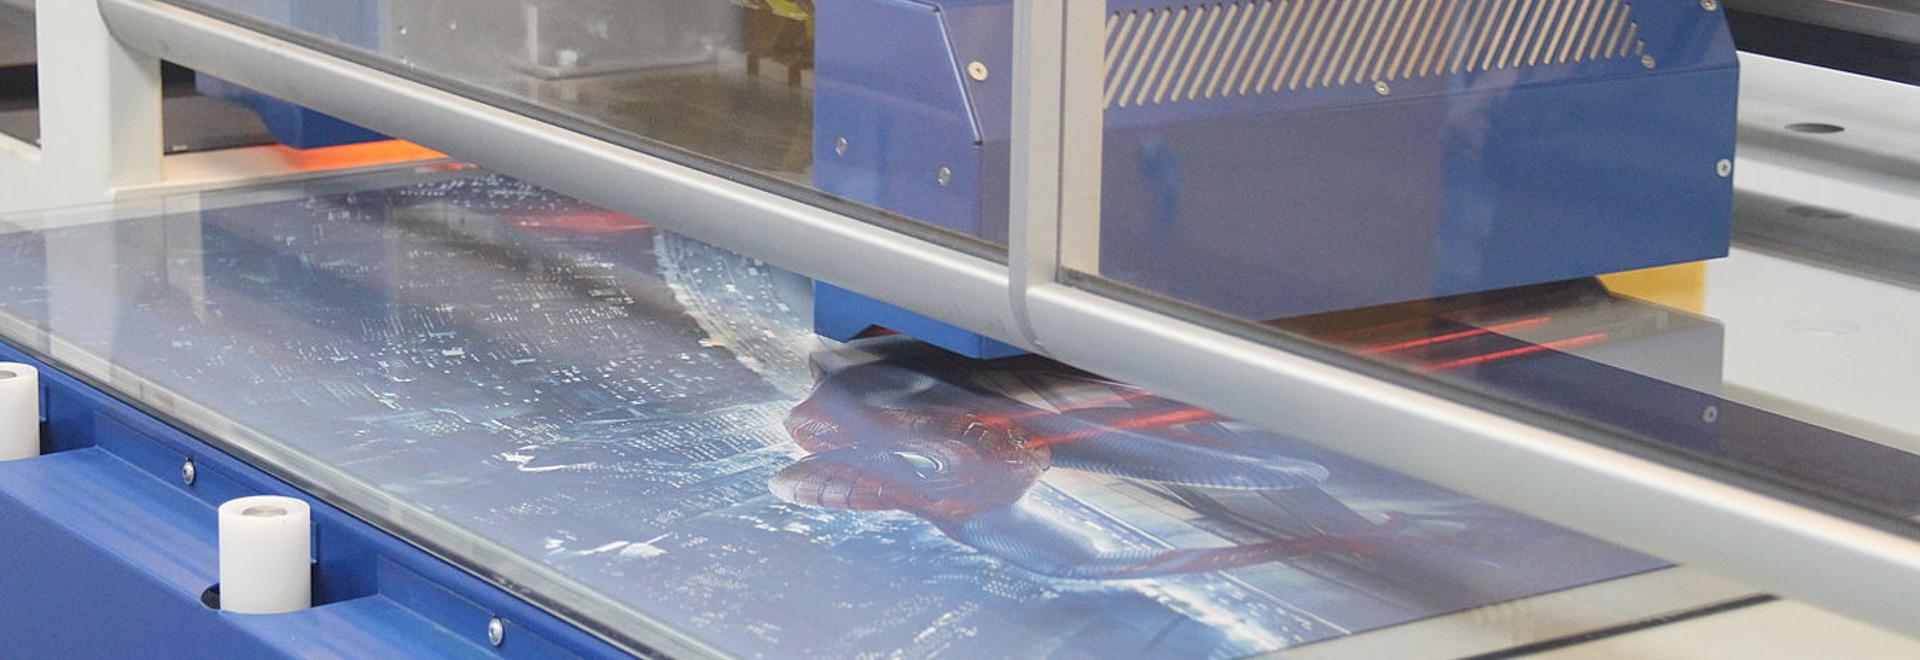 Lewmar accomplit l'installation de £1m de l'usine de gâchage en verre du dernier cri.